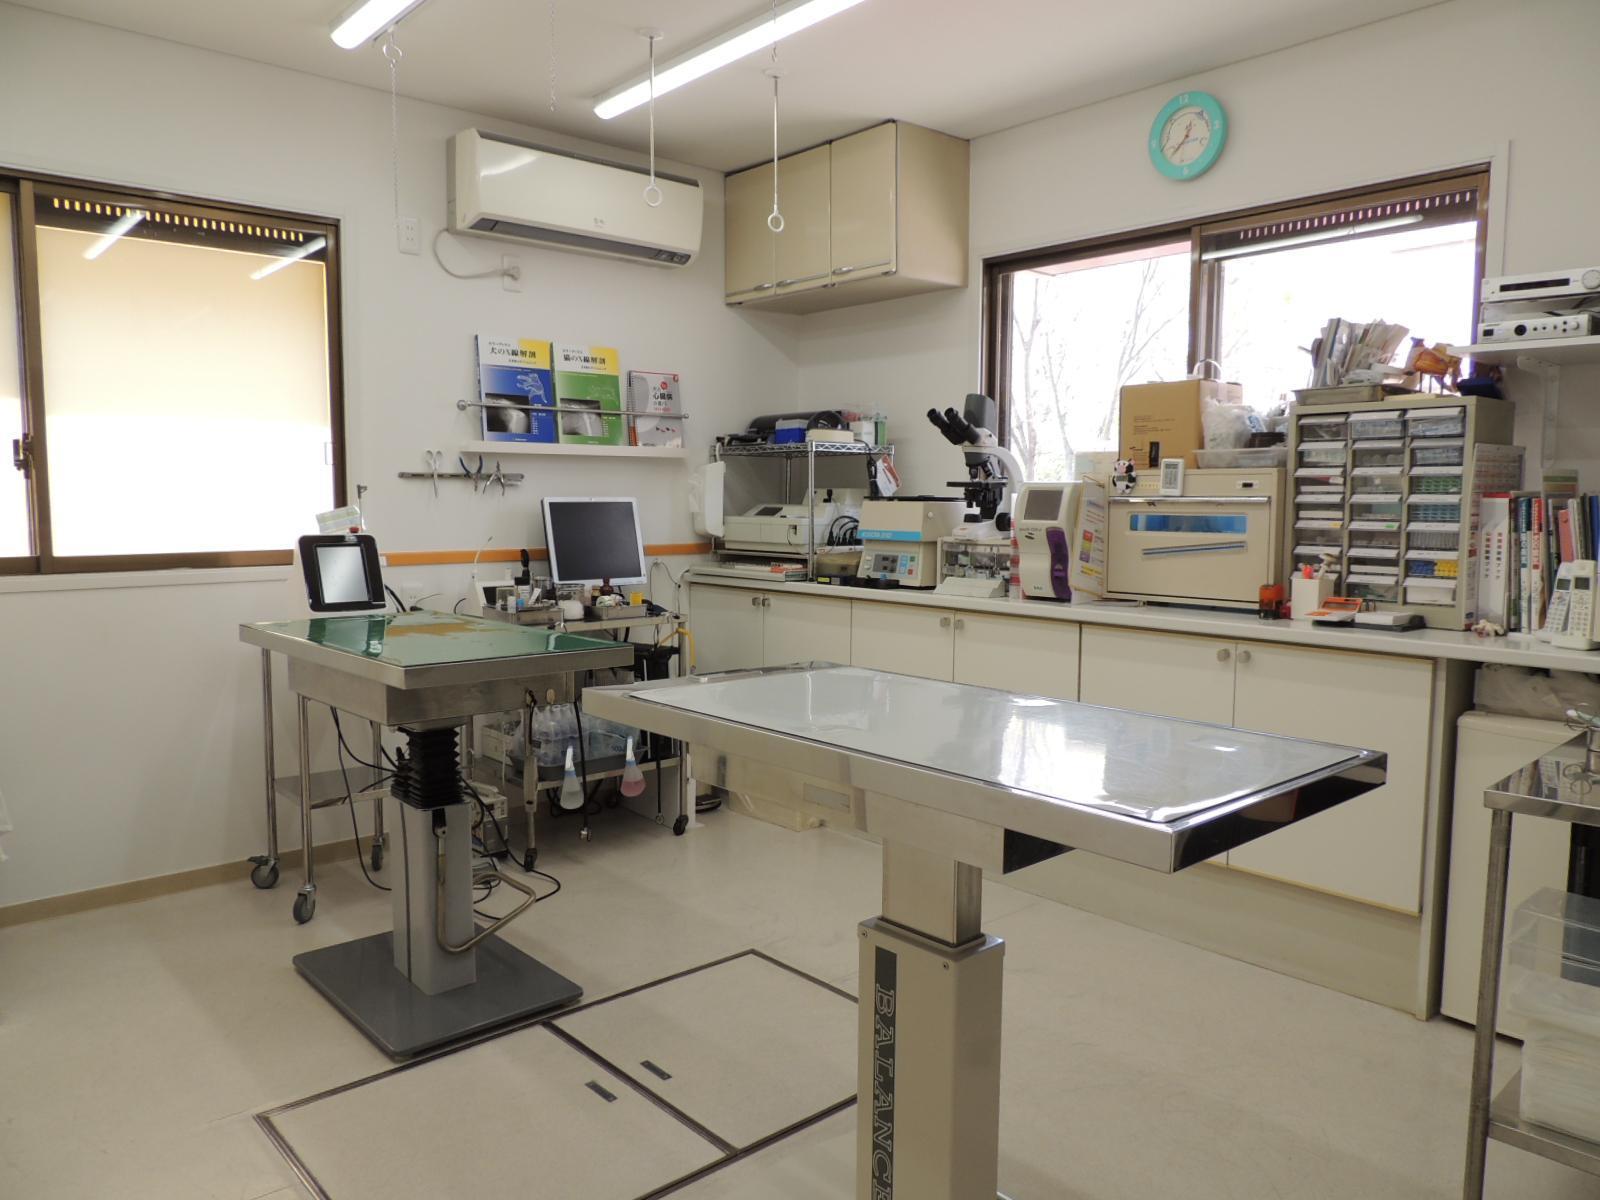 診察室です。診察台は2台あります。